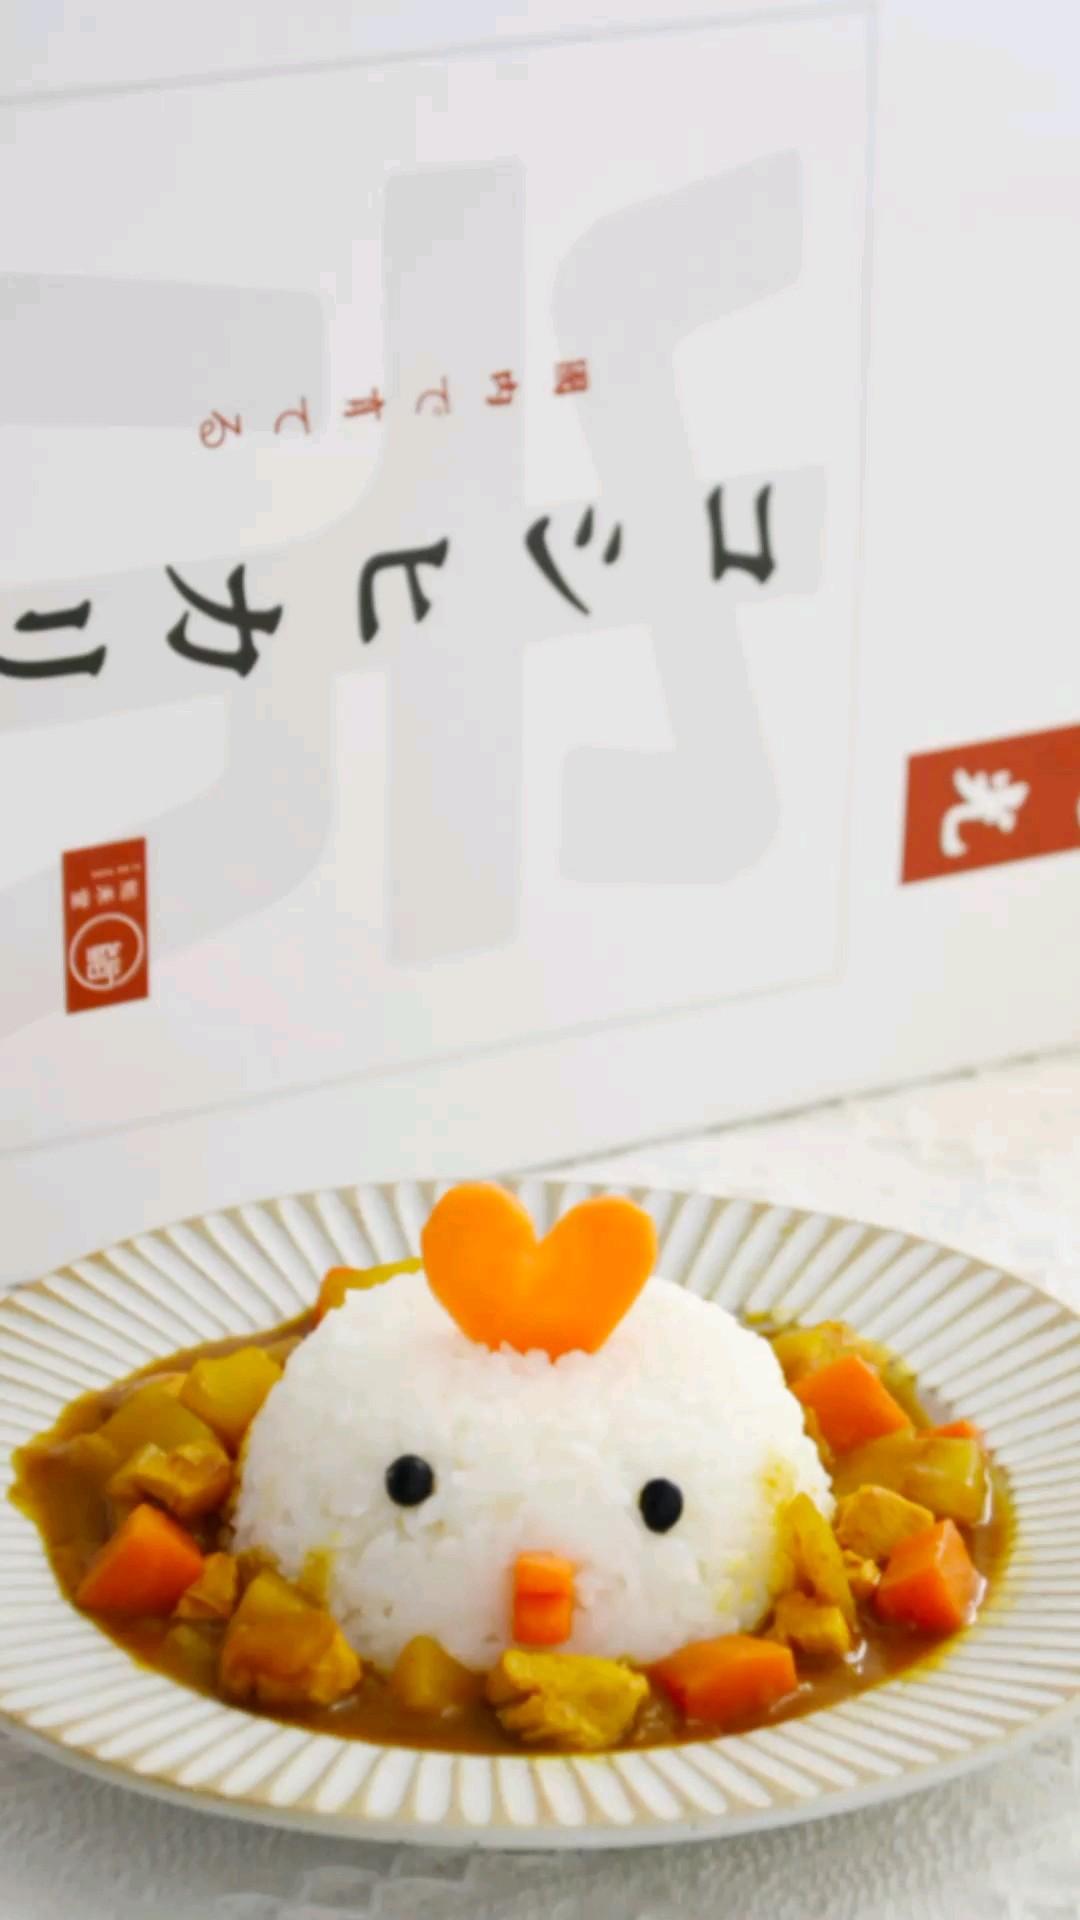 超可爱的小萌鸡咖喱饭,做法简单,宝宝超爱吃的做法